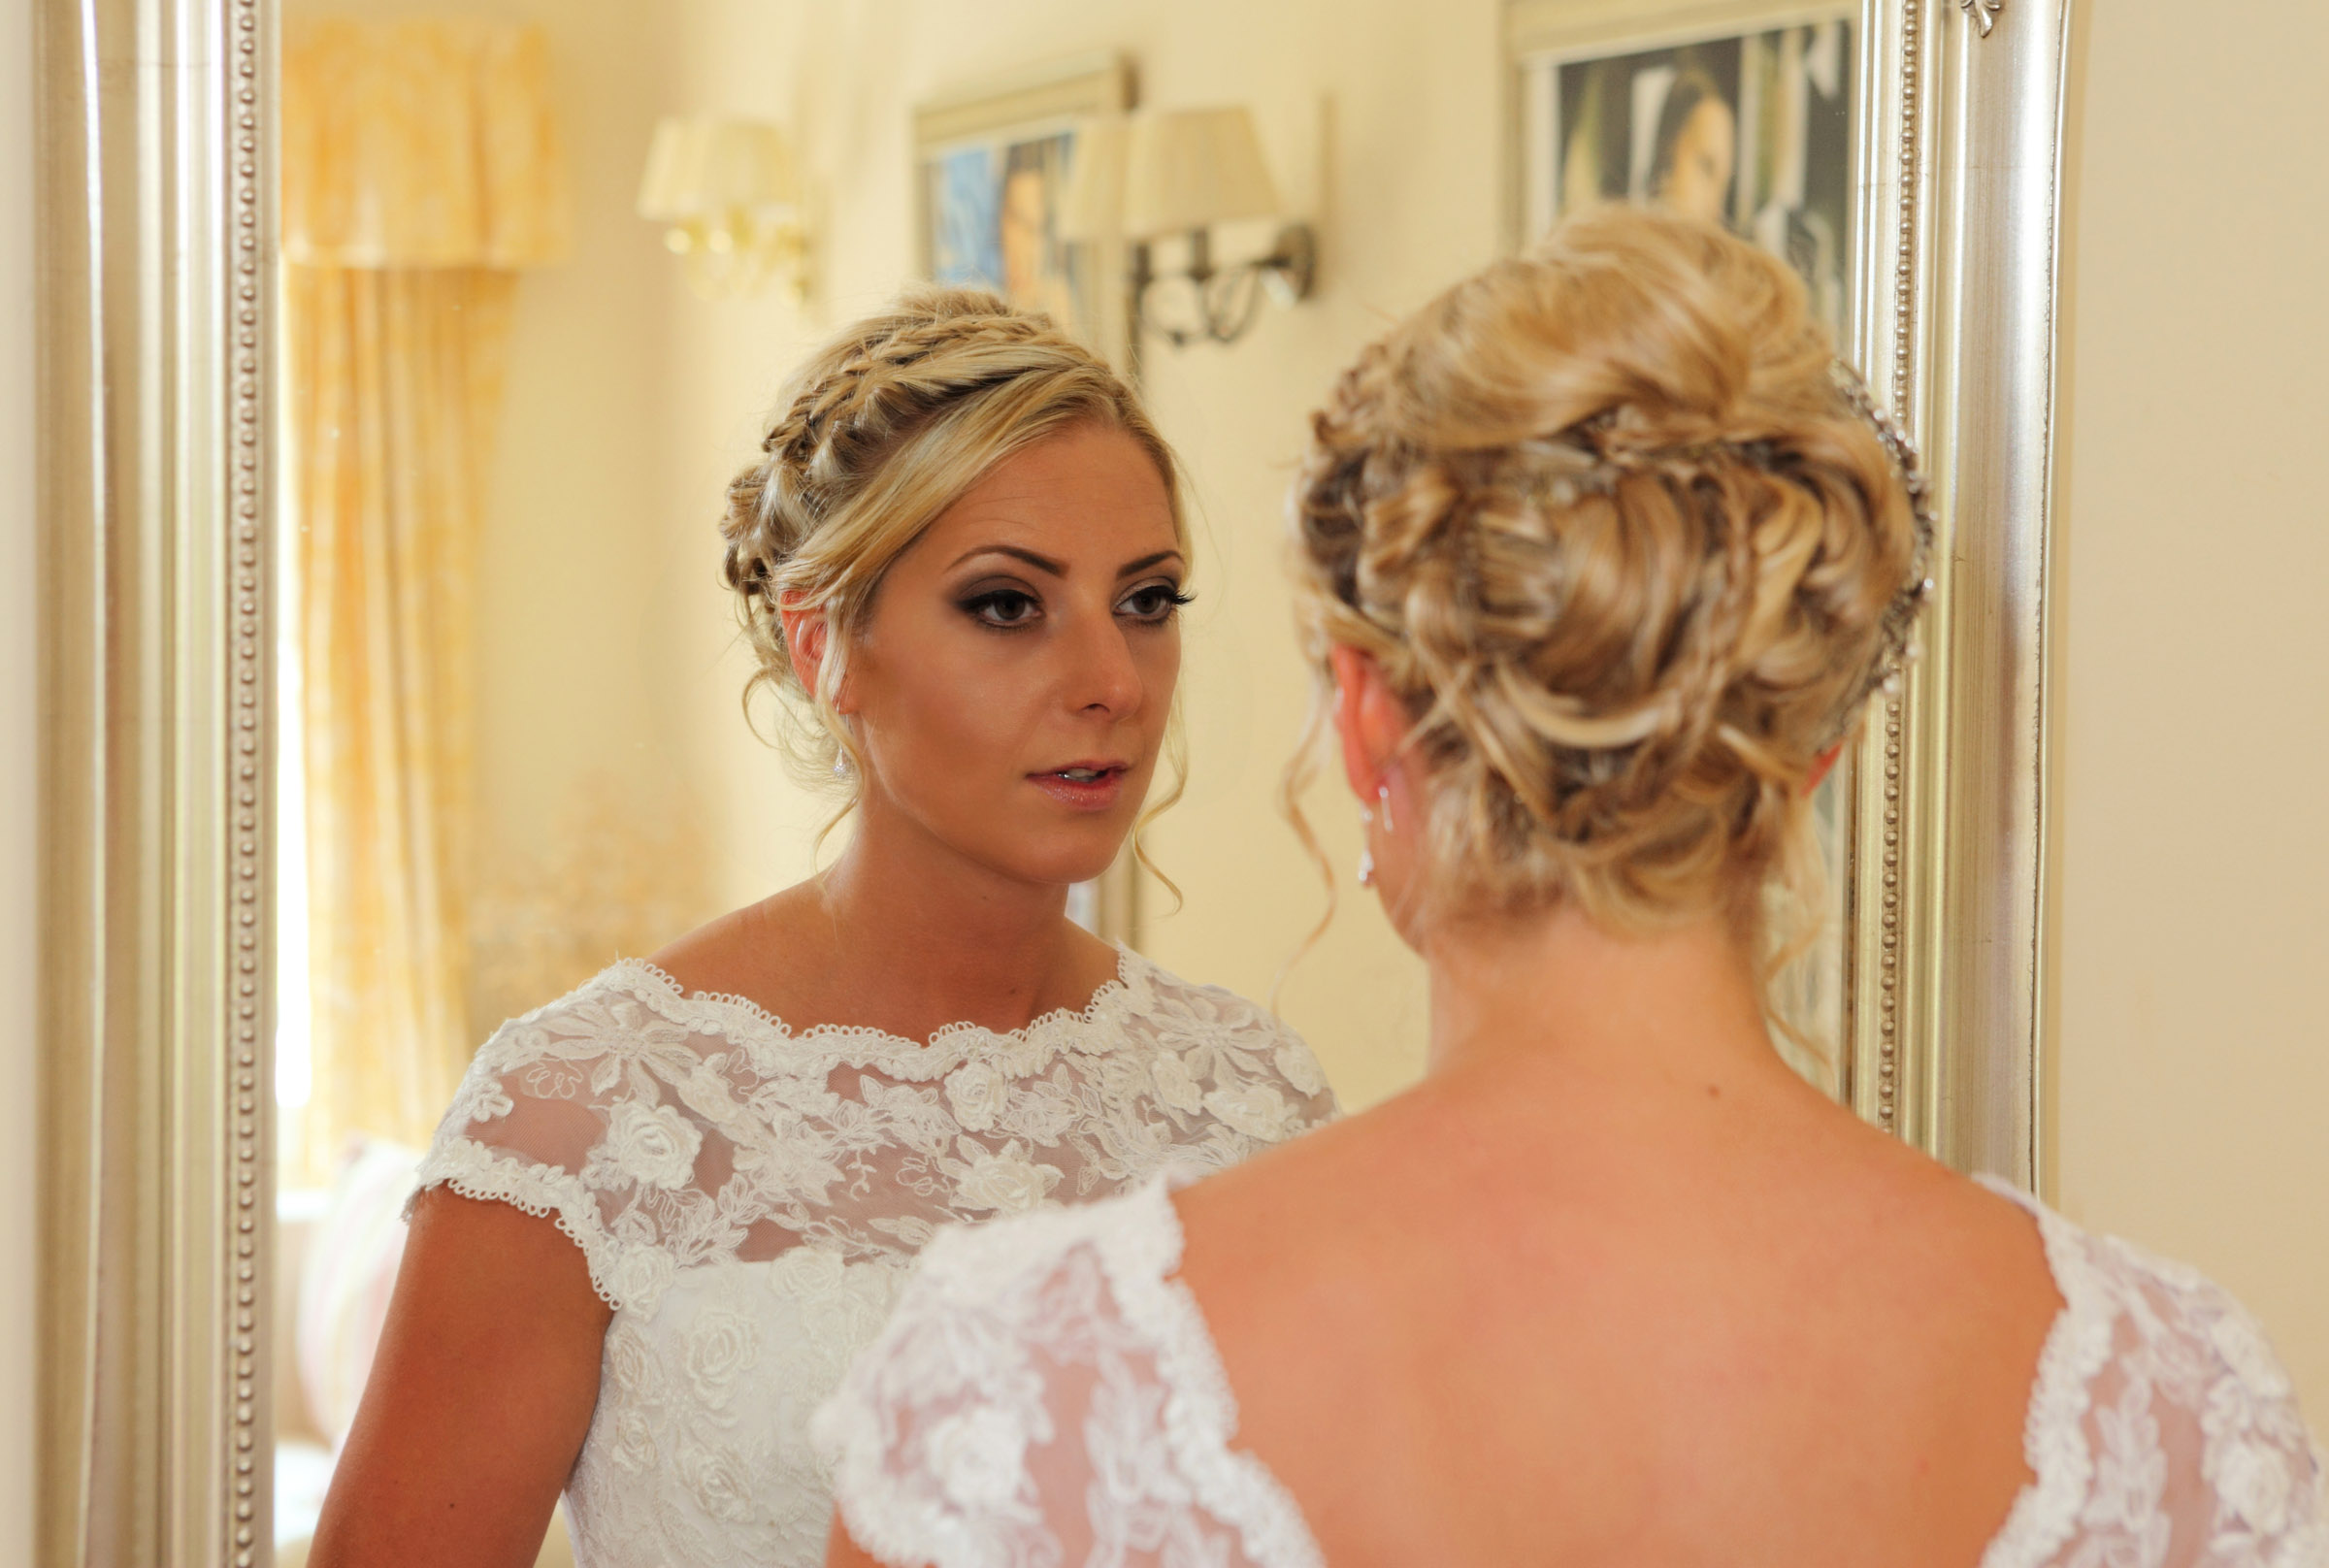 Bride_in_mirror_wedding photographer Edinburgh.jpg